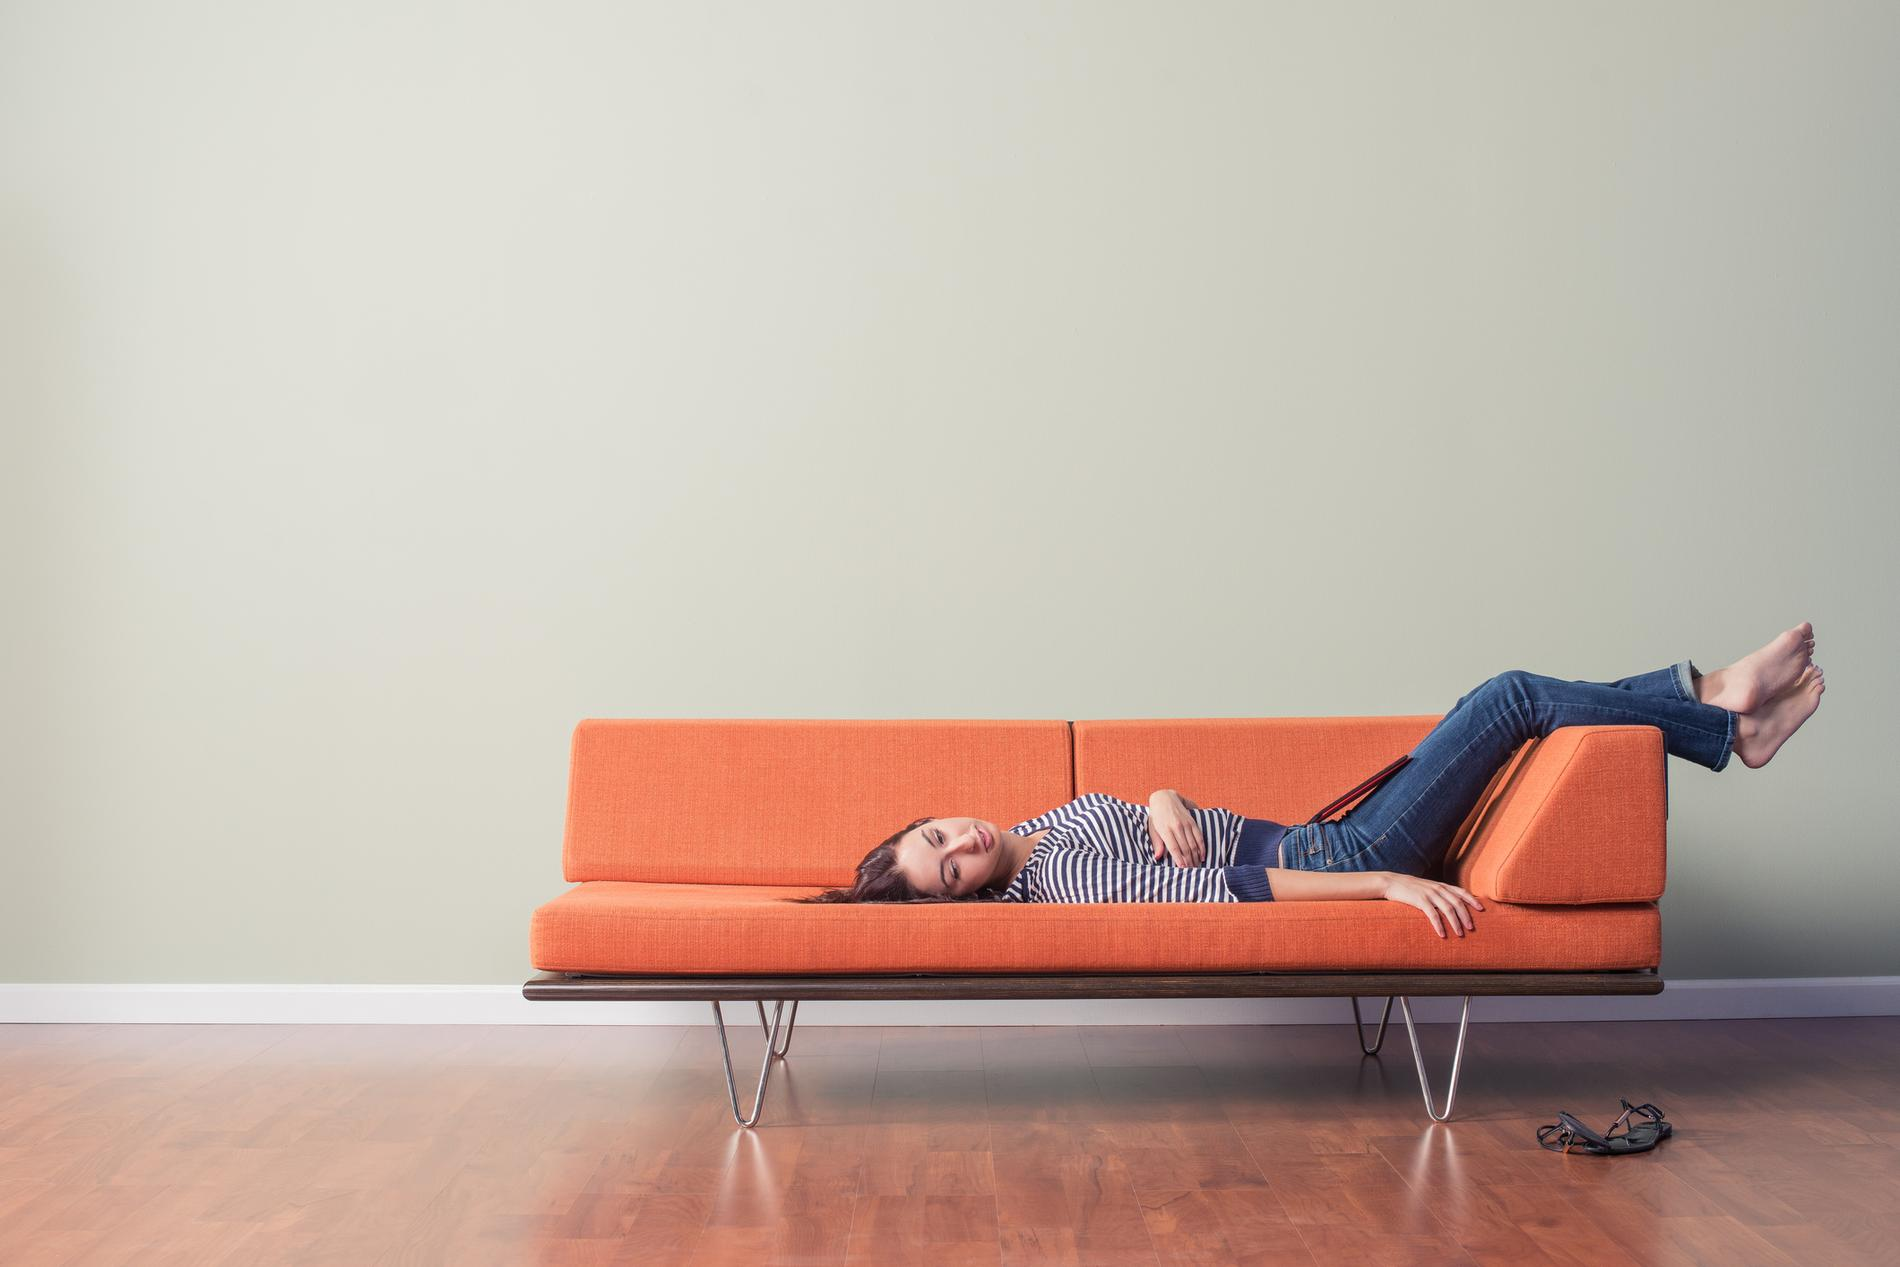 comment calculer ses cycles du sommeil pour mieux dormir madame figaro. Black Bedroom Furniture Sets. Home Design Ideas